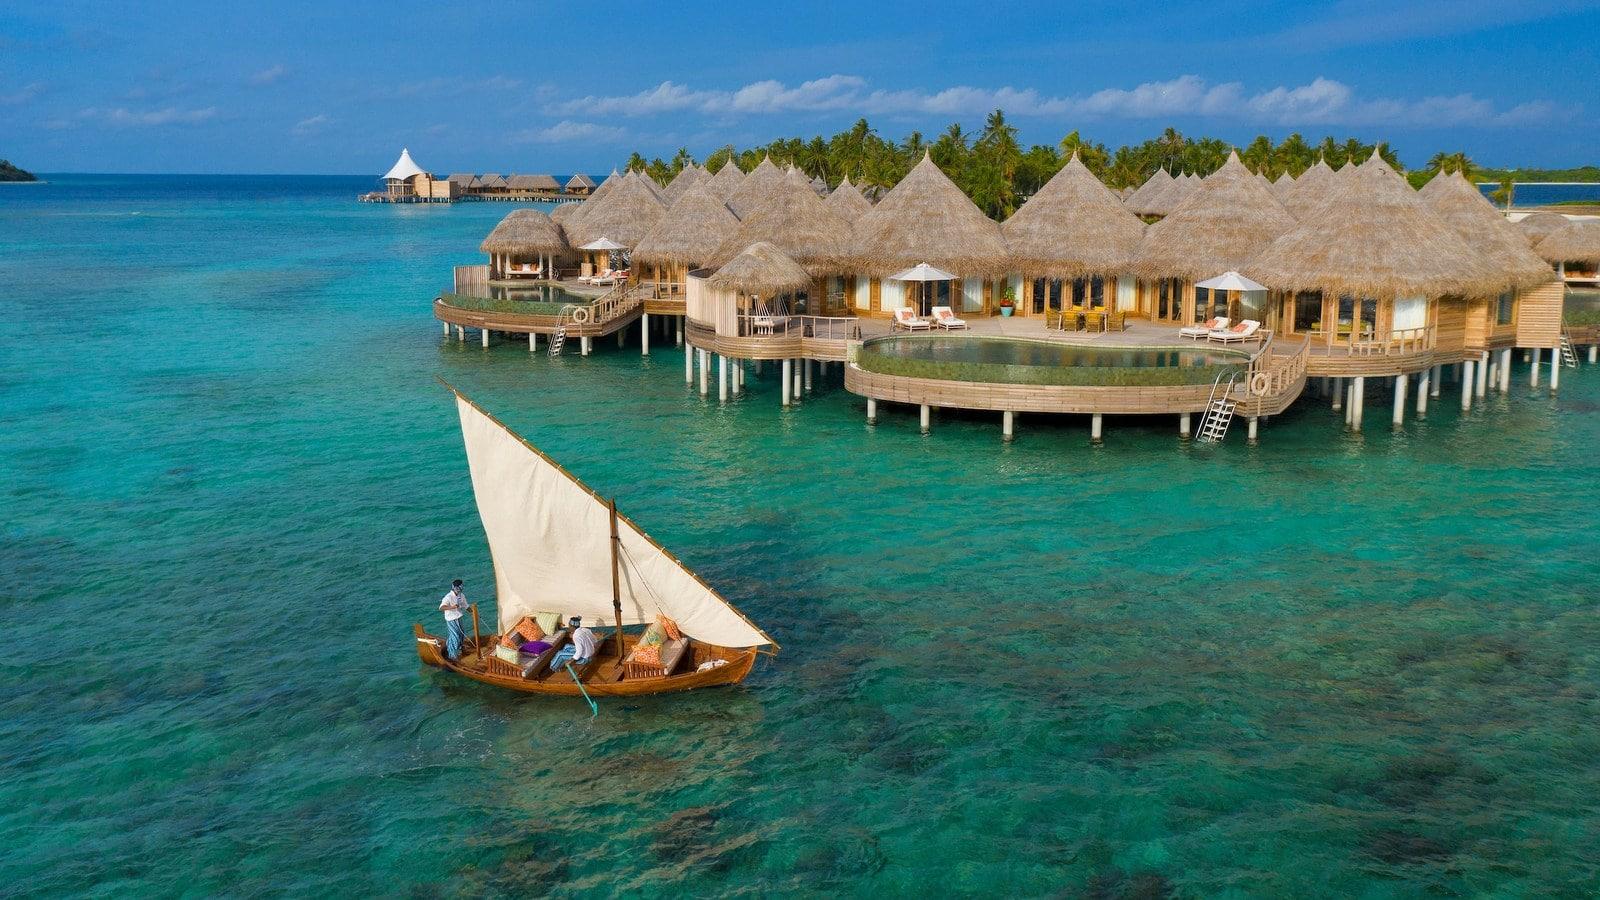 Мальдивы, отель The Nautilus Maldives